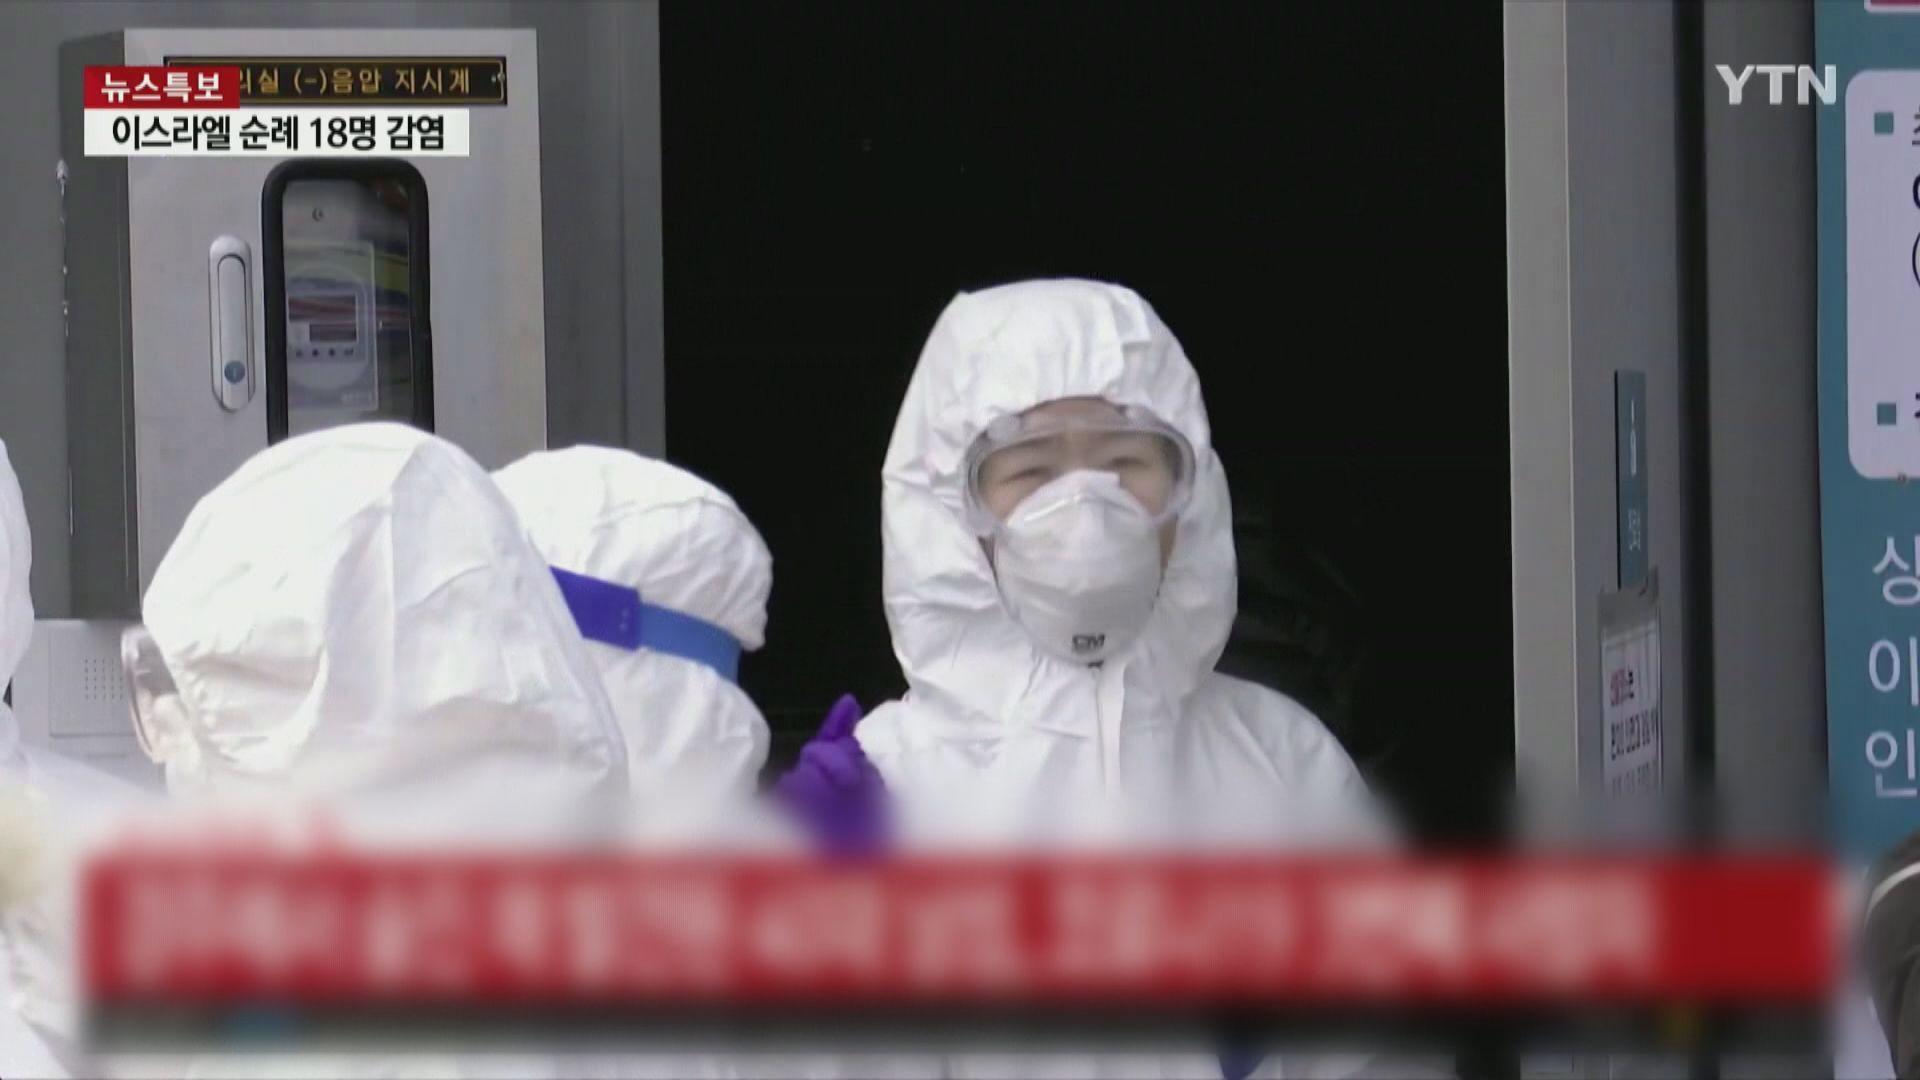 南韓再多一人死於新型冠狀病毒肺炎 累計增至4死